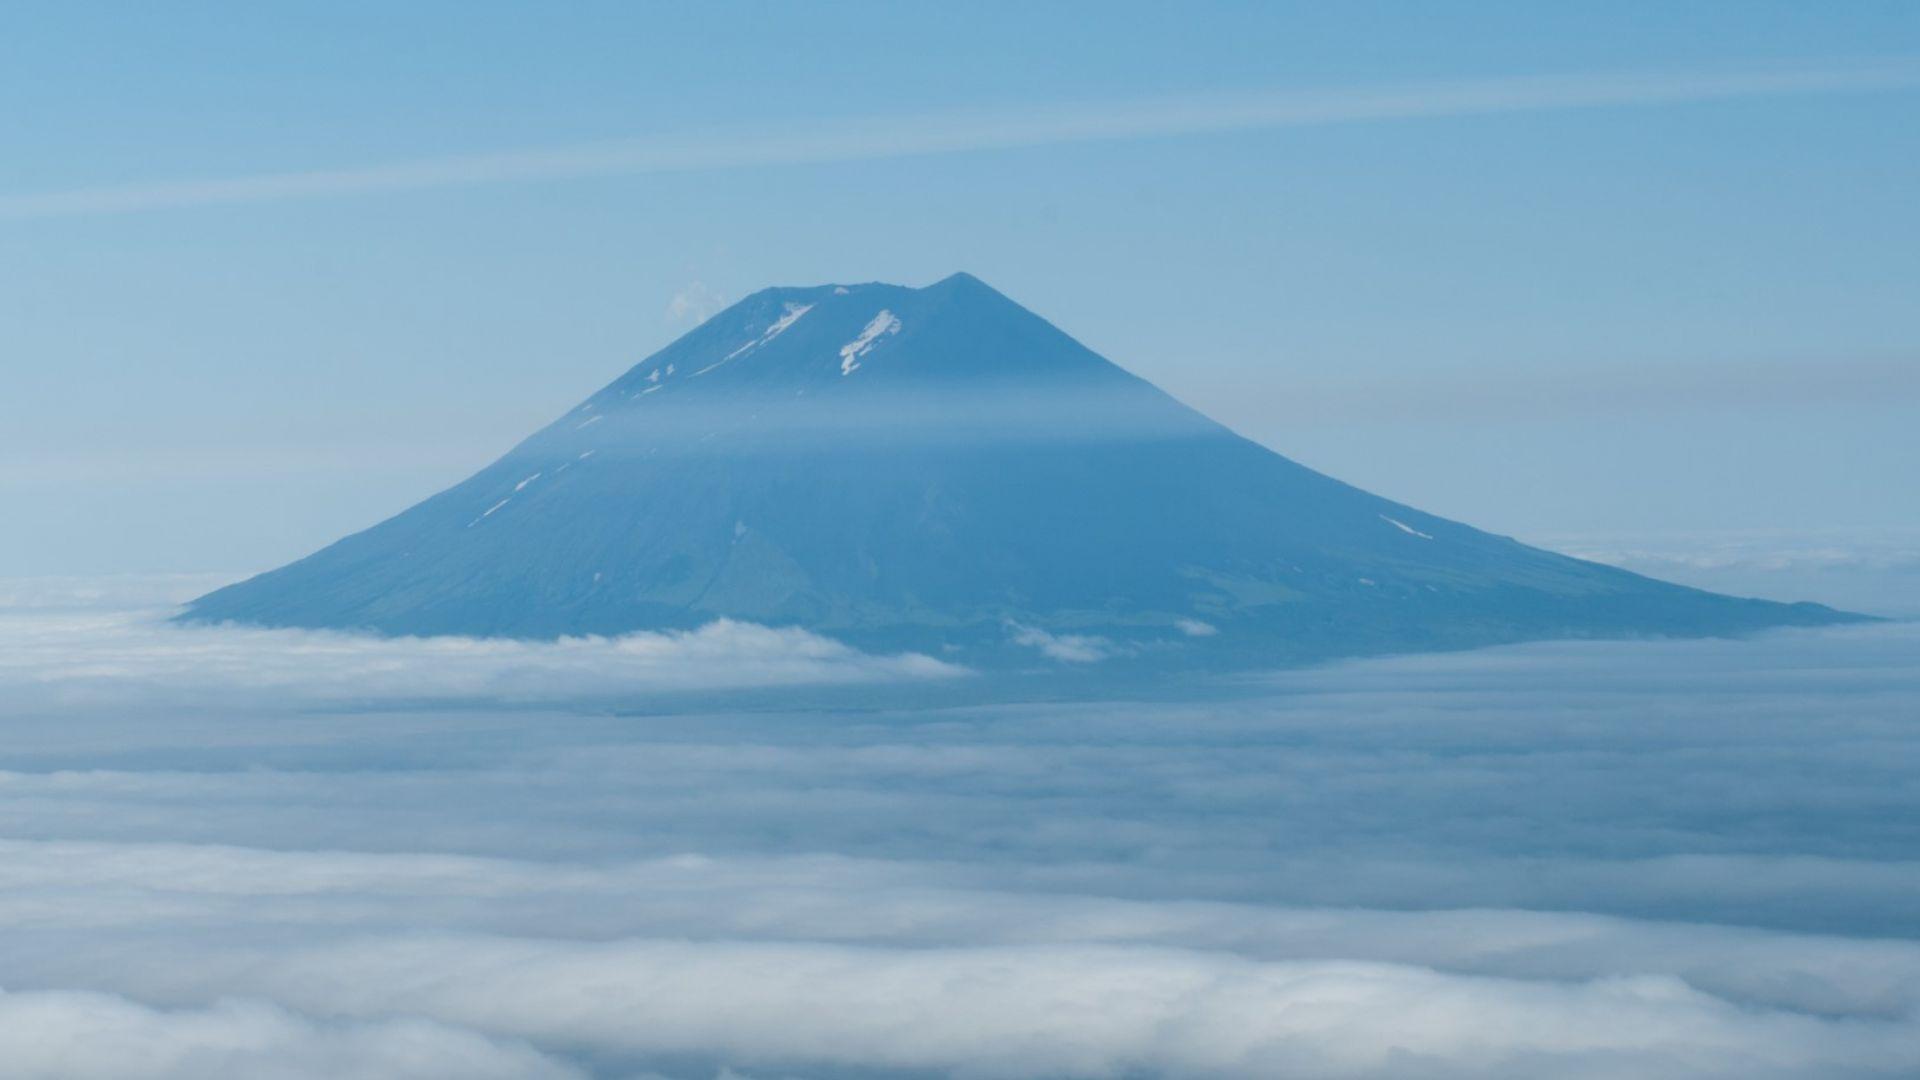 Ебеко отново изхвърли дим и пепел на 5 км височина